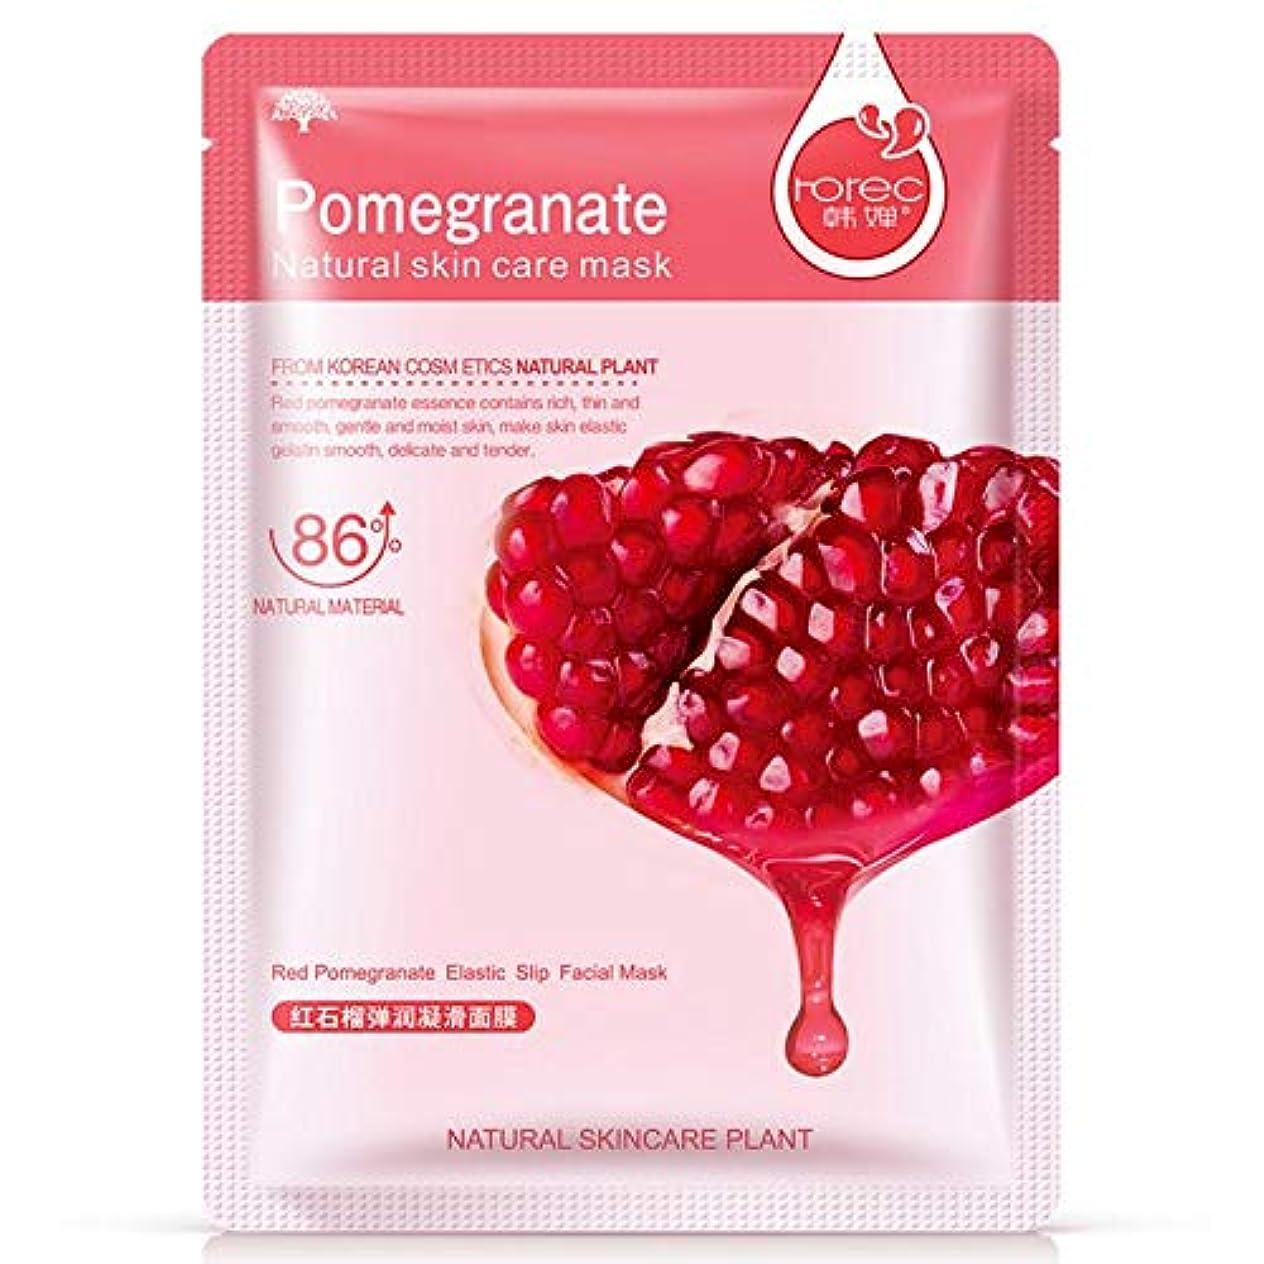 アミューズ不要廃止する(Pomegranate) Skin Care Plant Facial Mask Moisturizing Oil Control Blackhead Remover Wrapped Mask Face Mask Face...